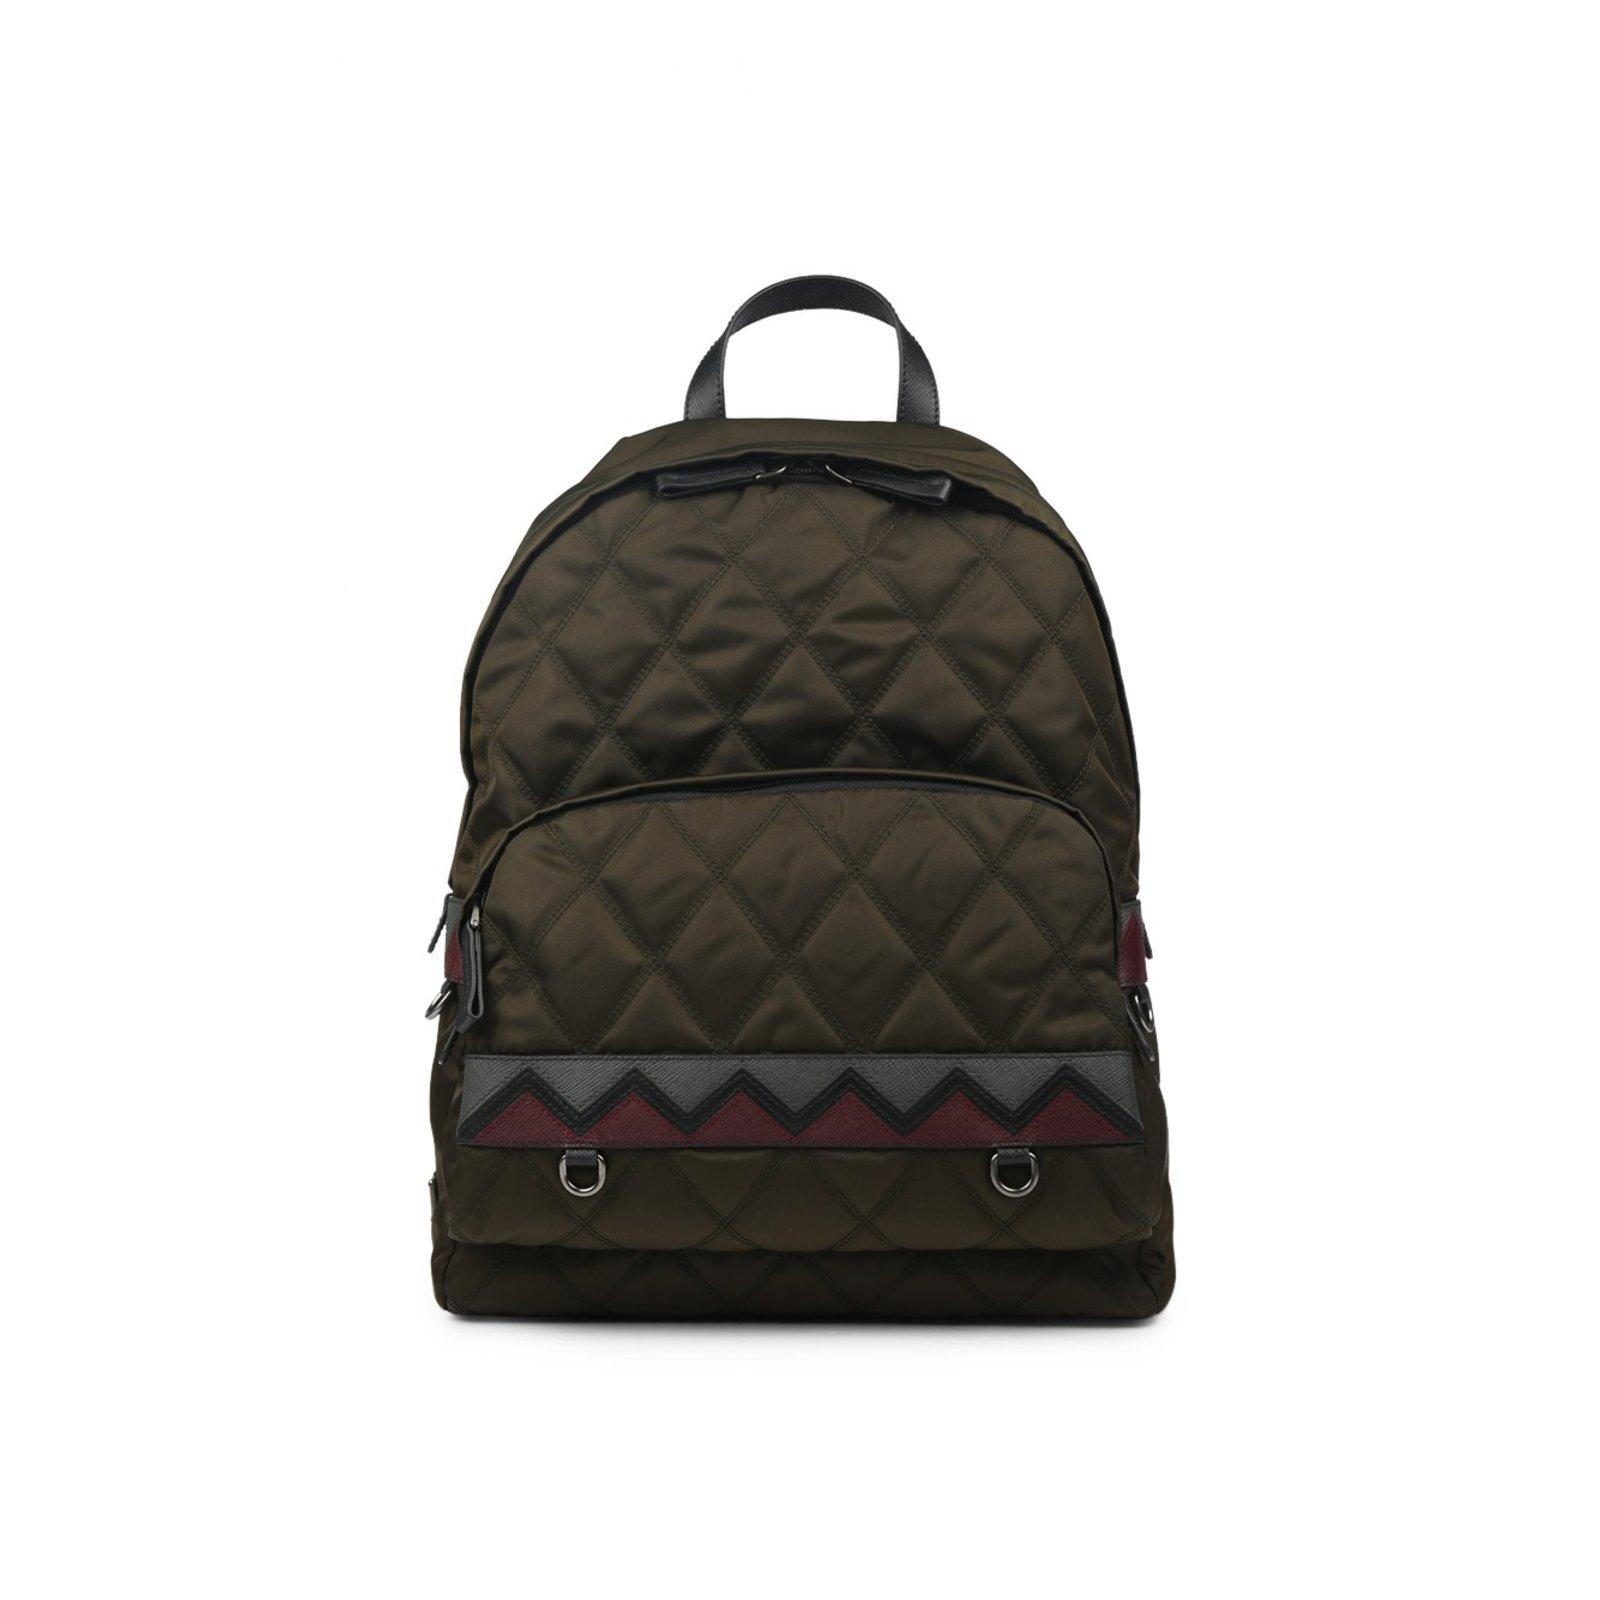 58d6a47e3f ... france prada prada backpack new bags briefcases nylon green ref.57119  f2058 da5fe